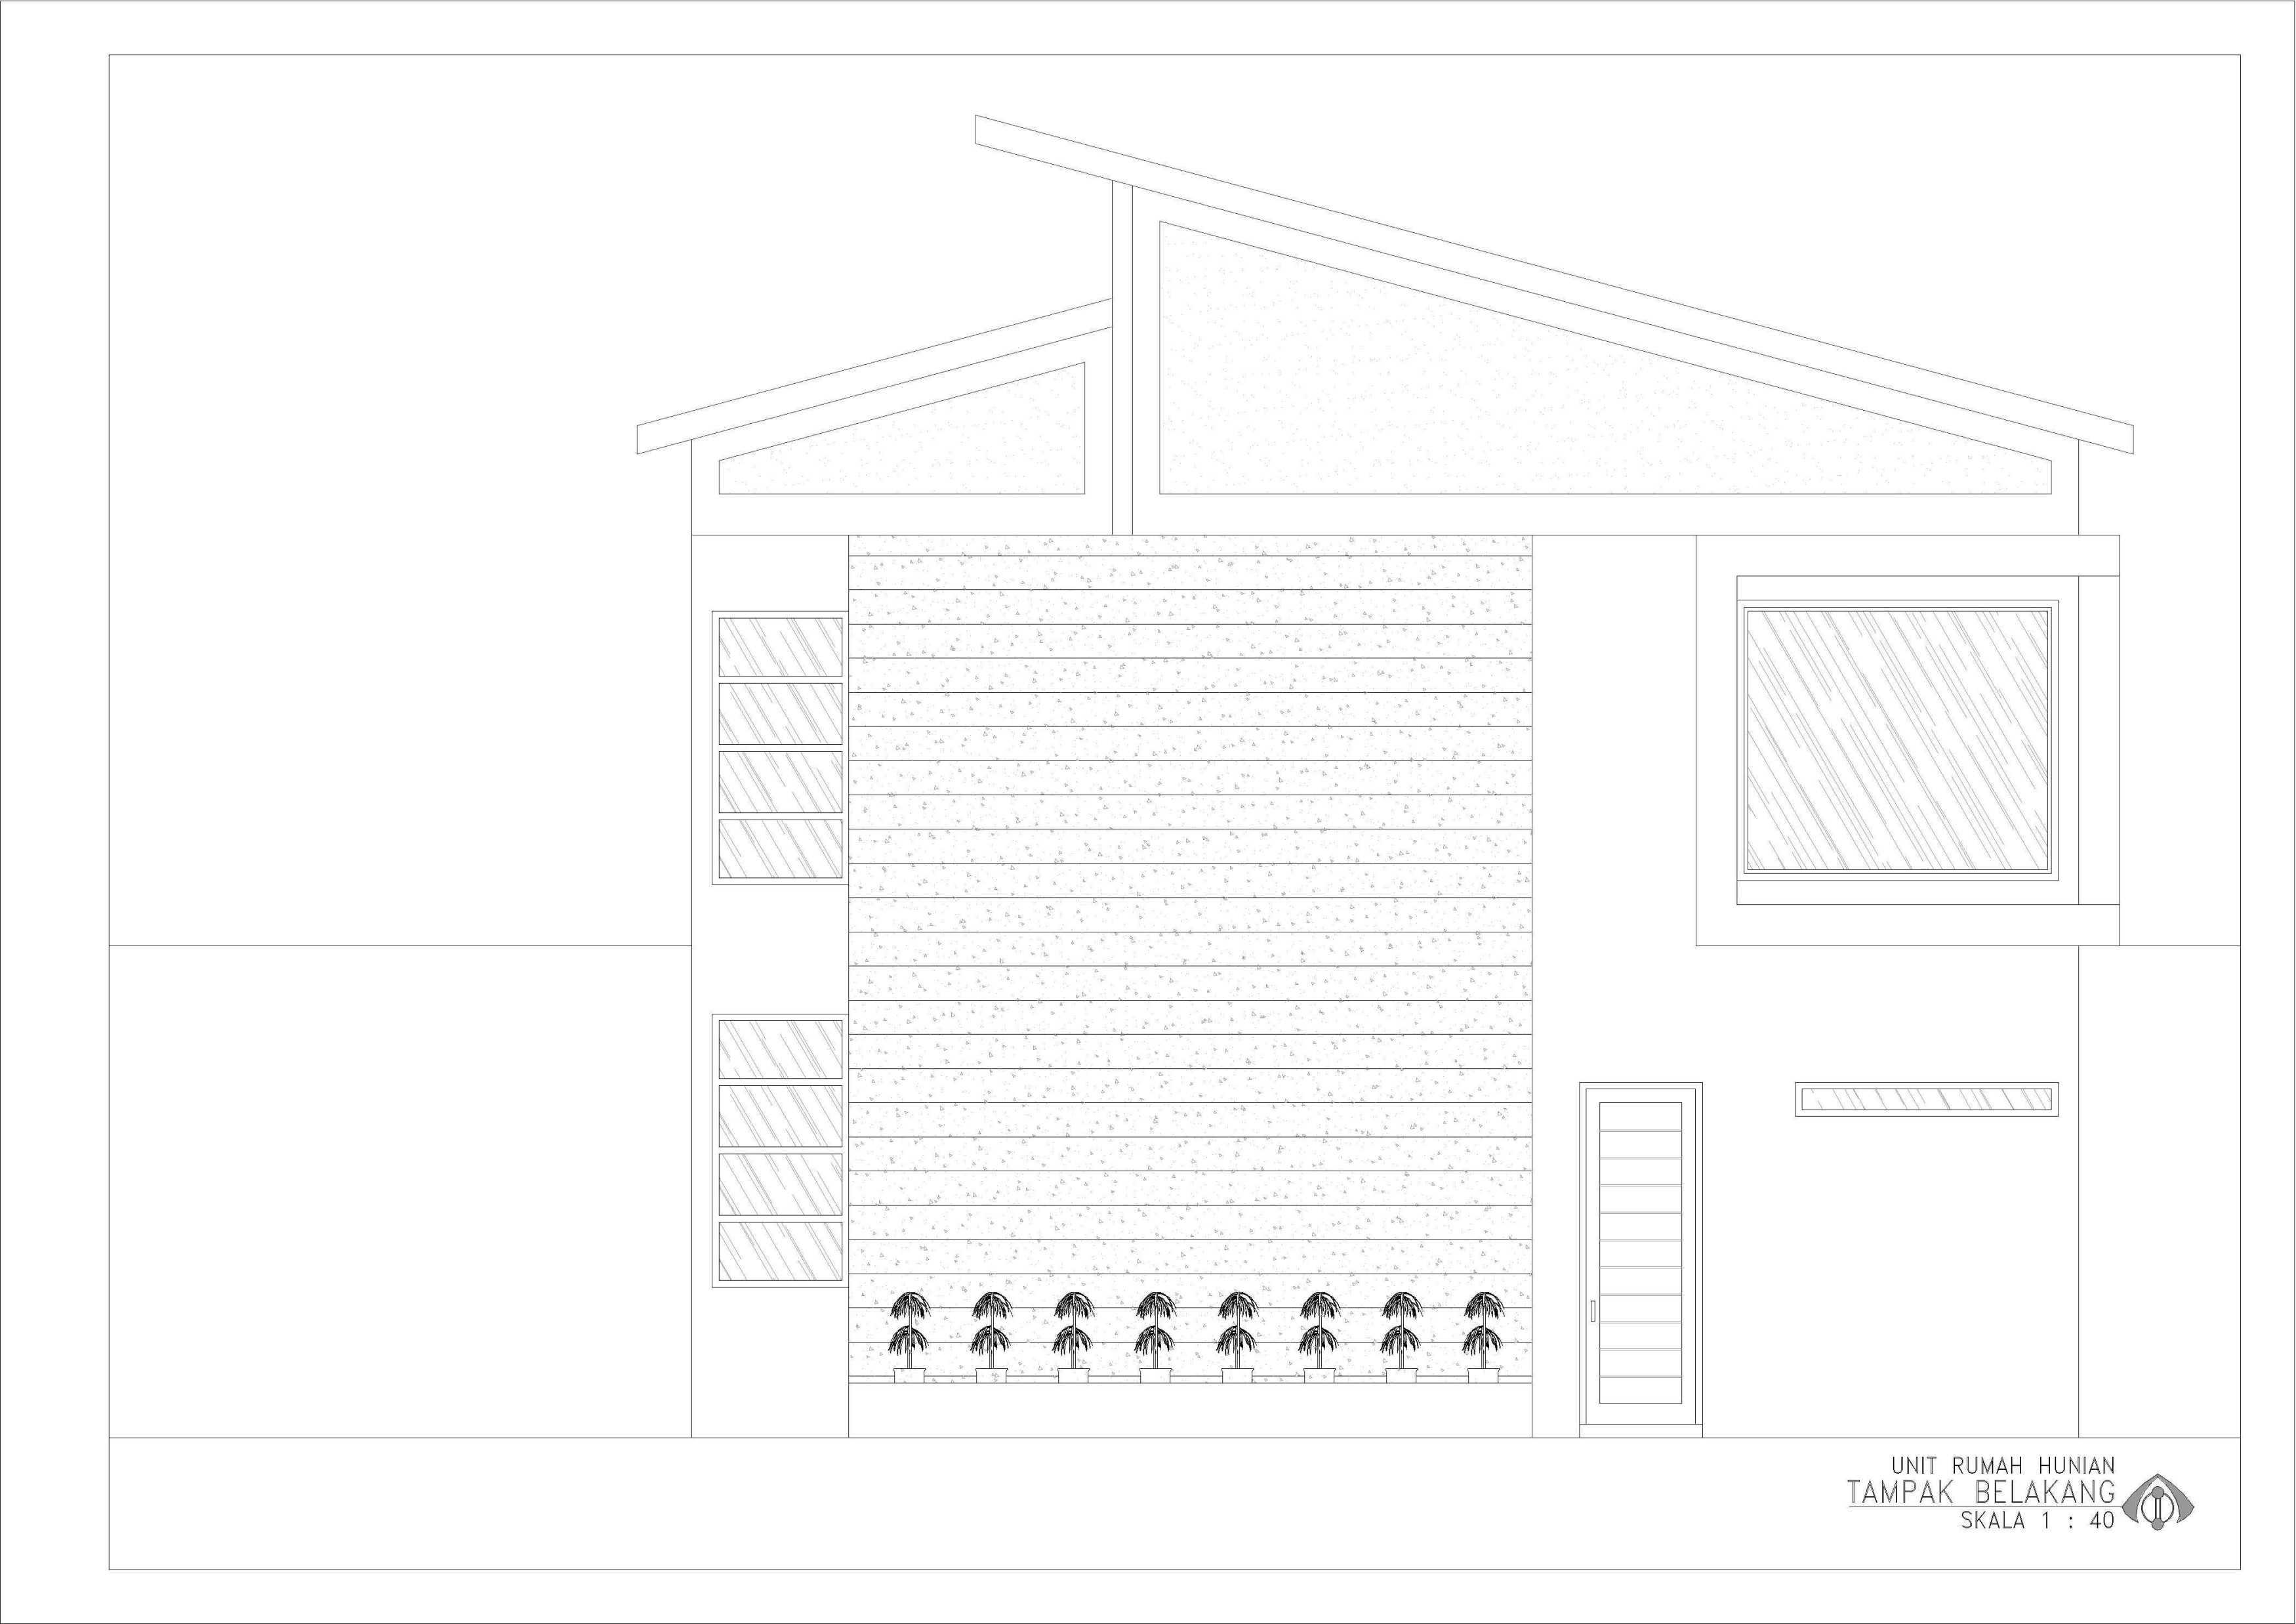 Ansitama Architecture Studio Rumah Hunian Bapak Hijri Jambi, Kota Jambi, Jambi, Indonesia Jambi, Kota Jambi, Jambi, Indonesia Ansitama-Architetcture-Studio-Rumah-Hunian-Bapak-Hijri   56257